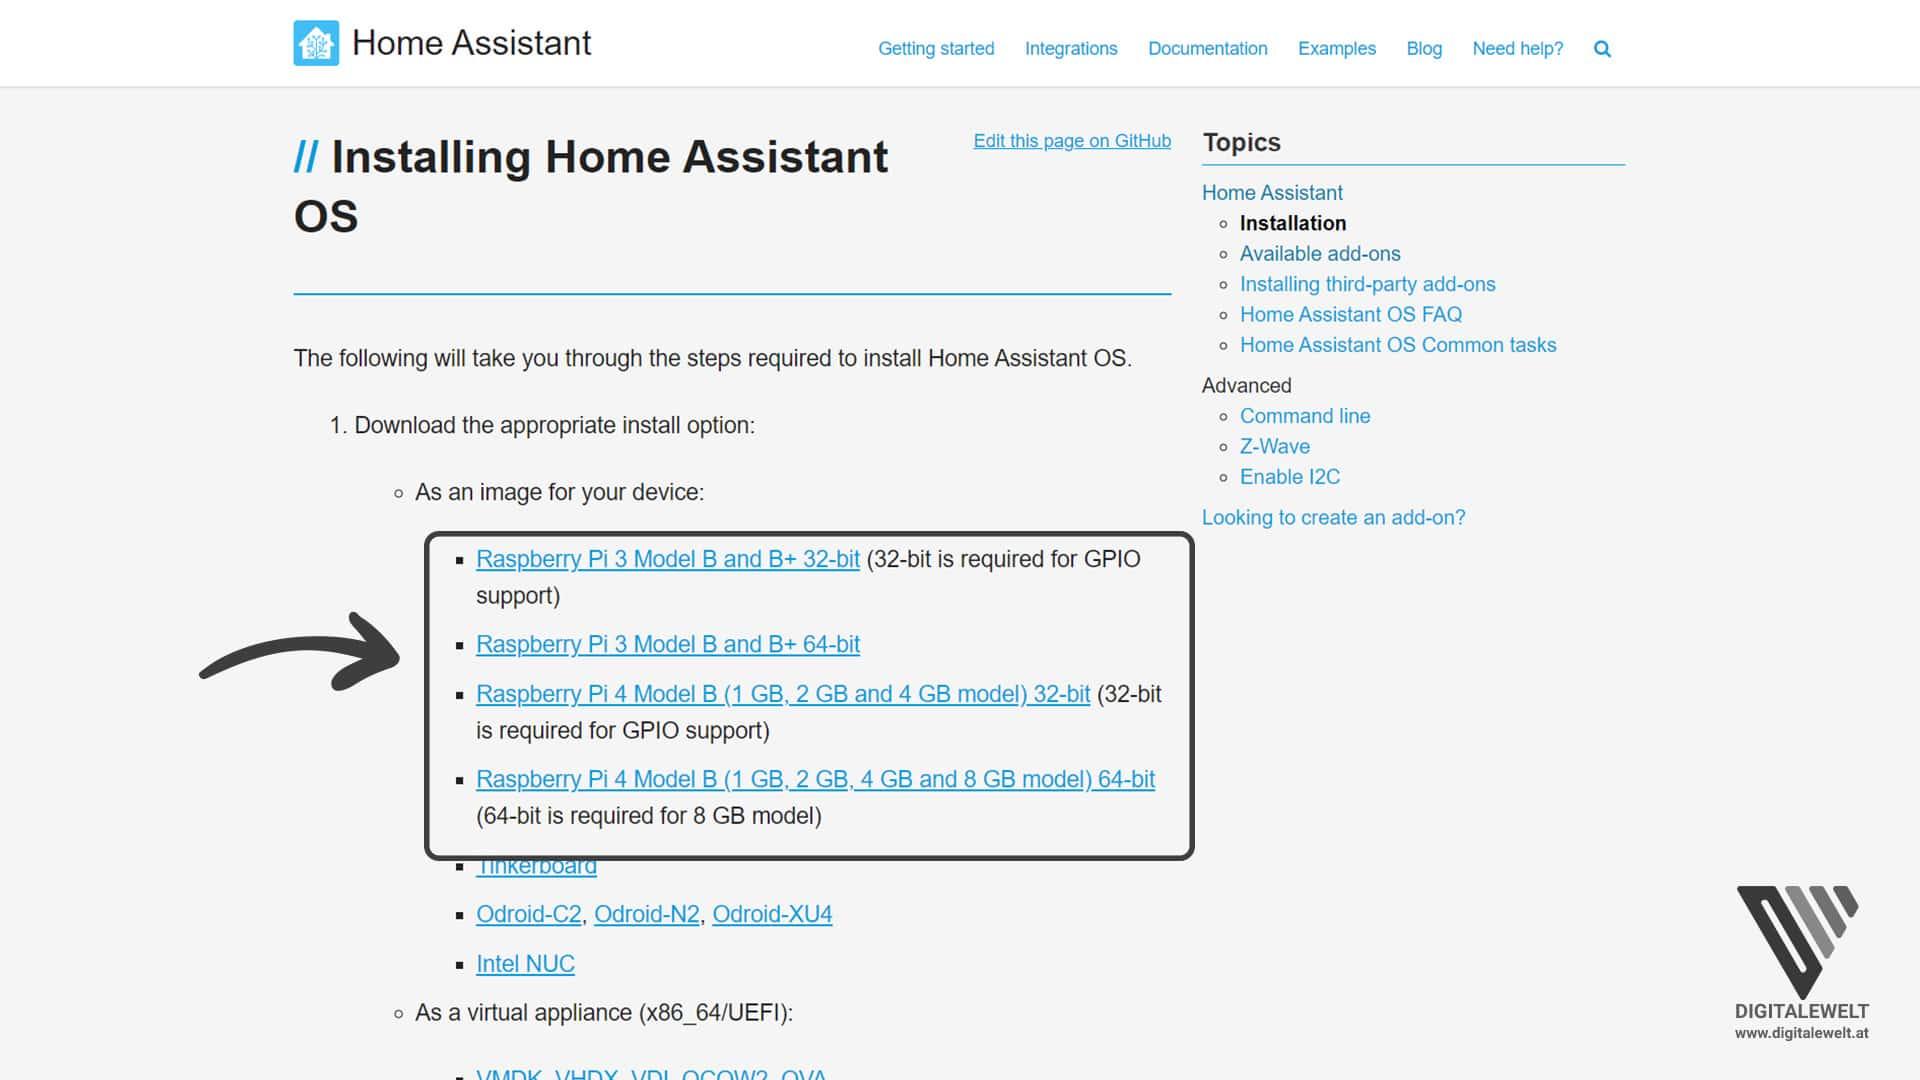 Home Assistant auf dem Raspberry Pi installieren - Image herunterladen - digitalewelt.at